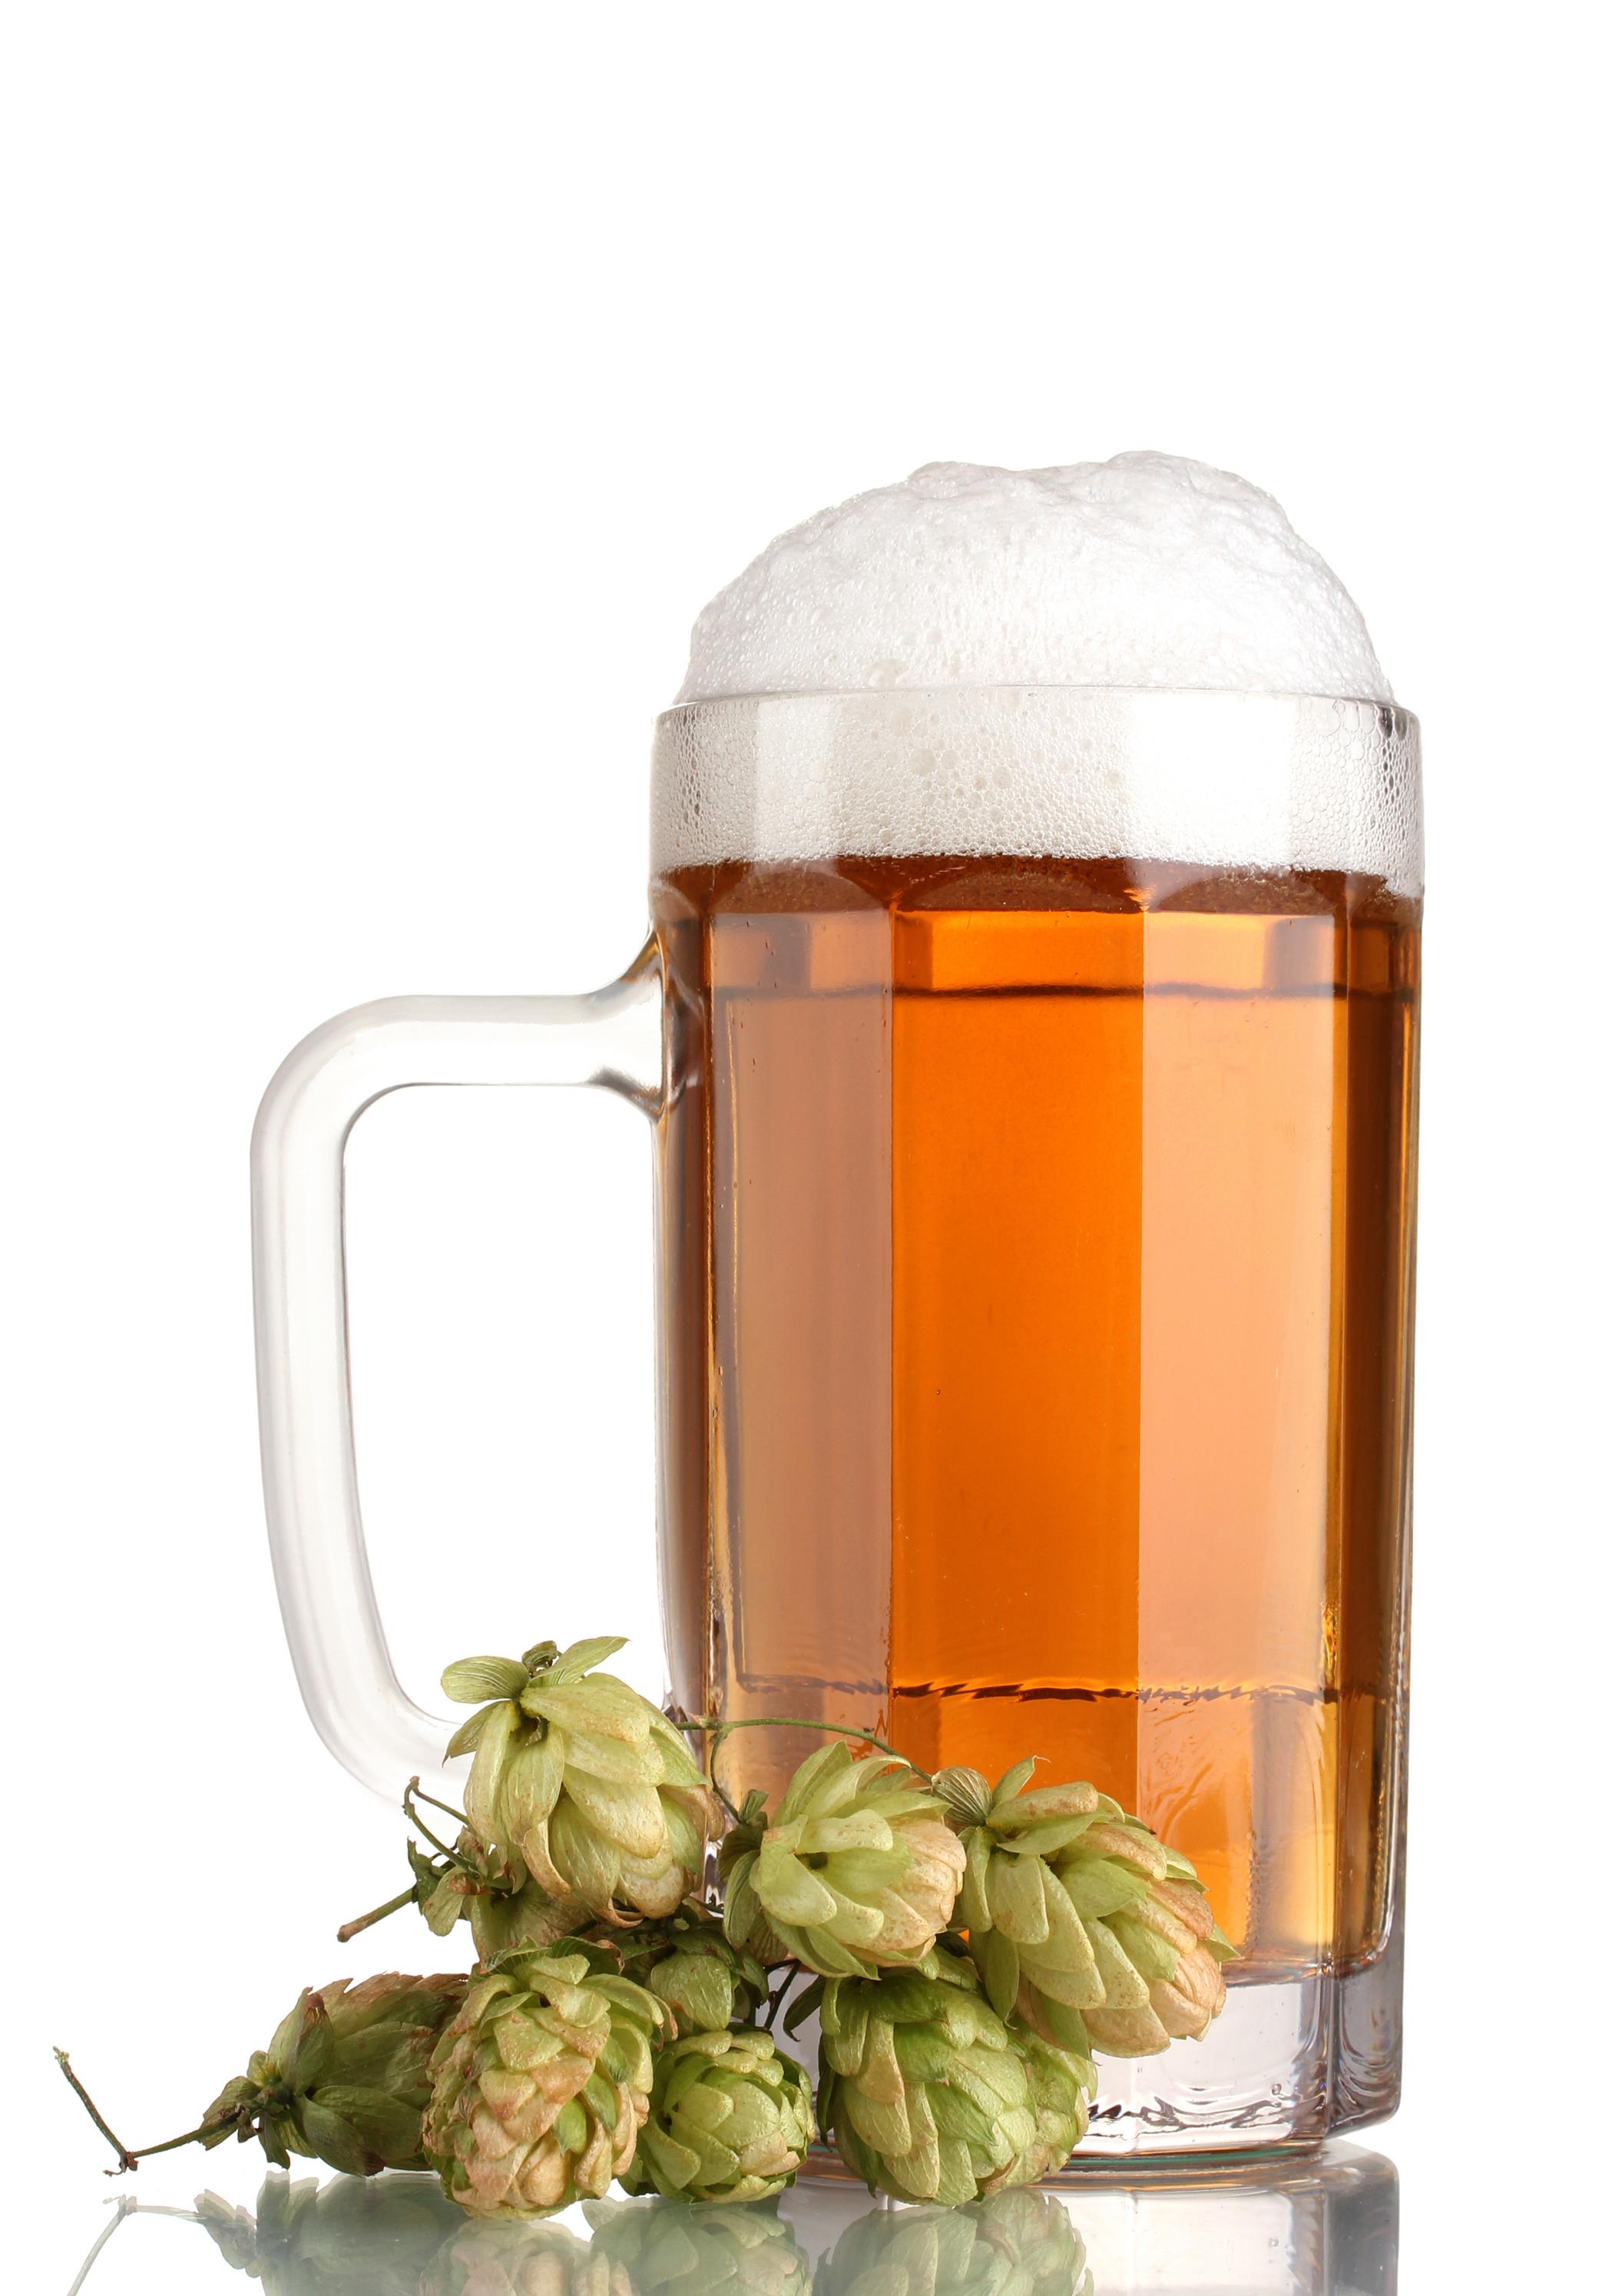 Пиво, фото, кружка пива, клипарт, обои